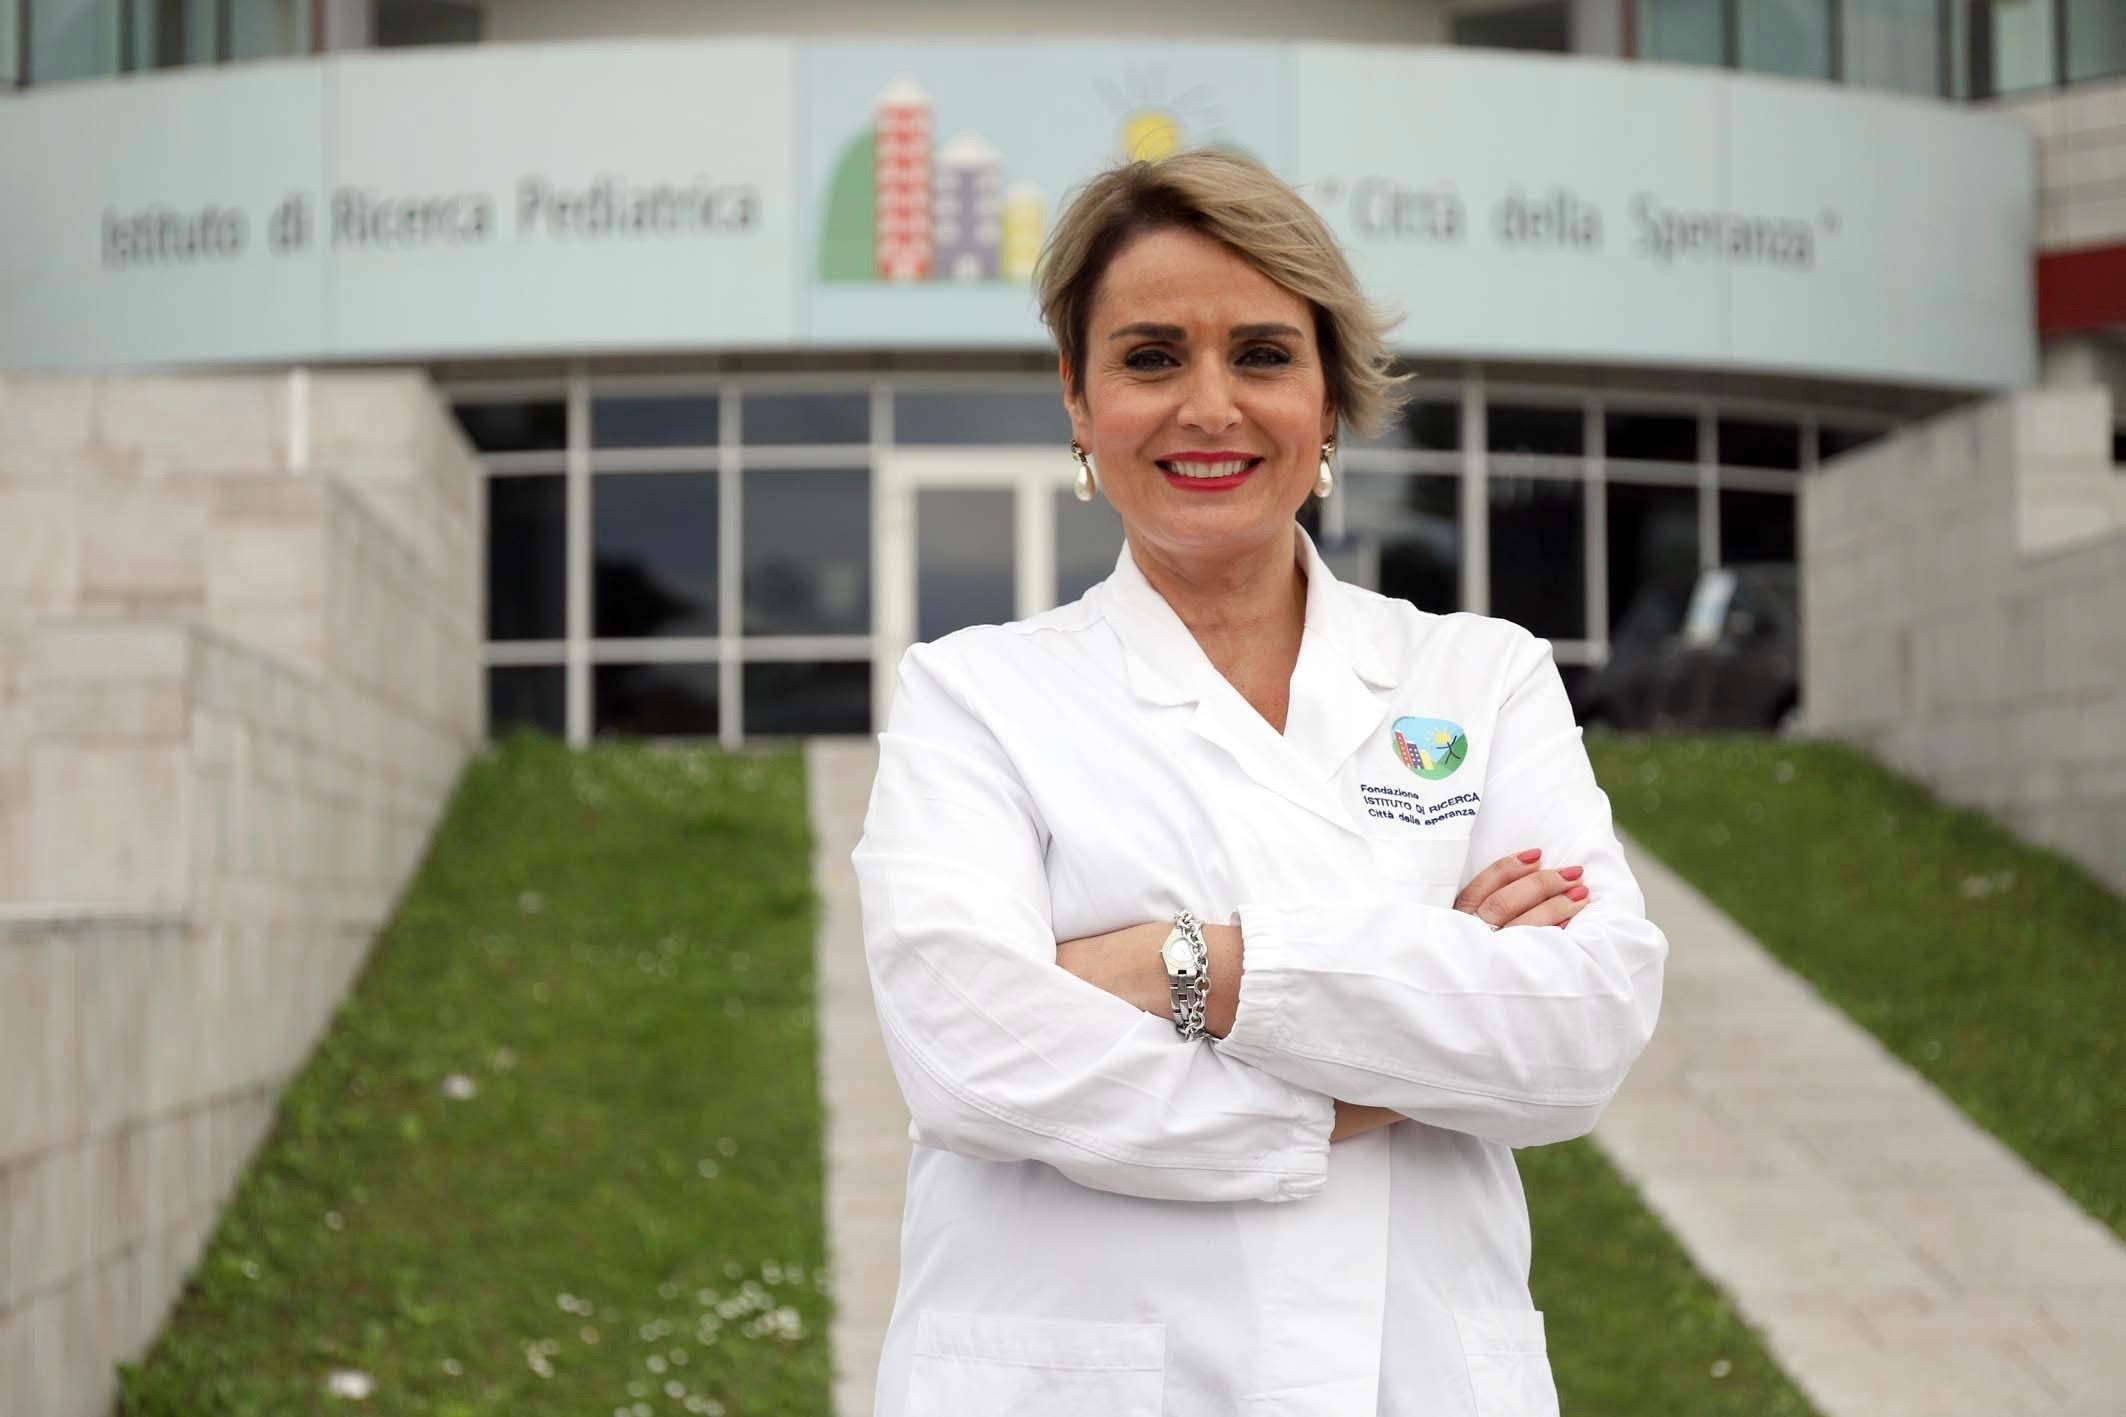 Antonella Viola, chi è: età, carriera, vita privata dell'immunologa